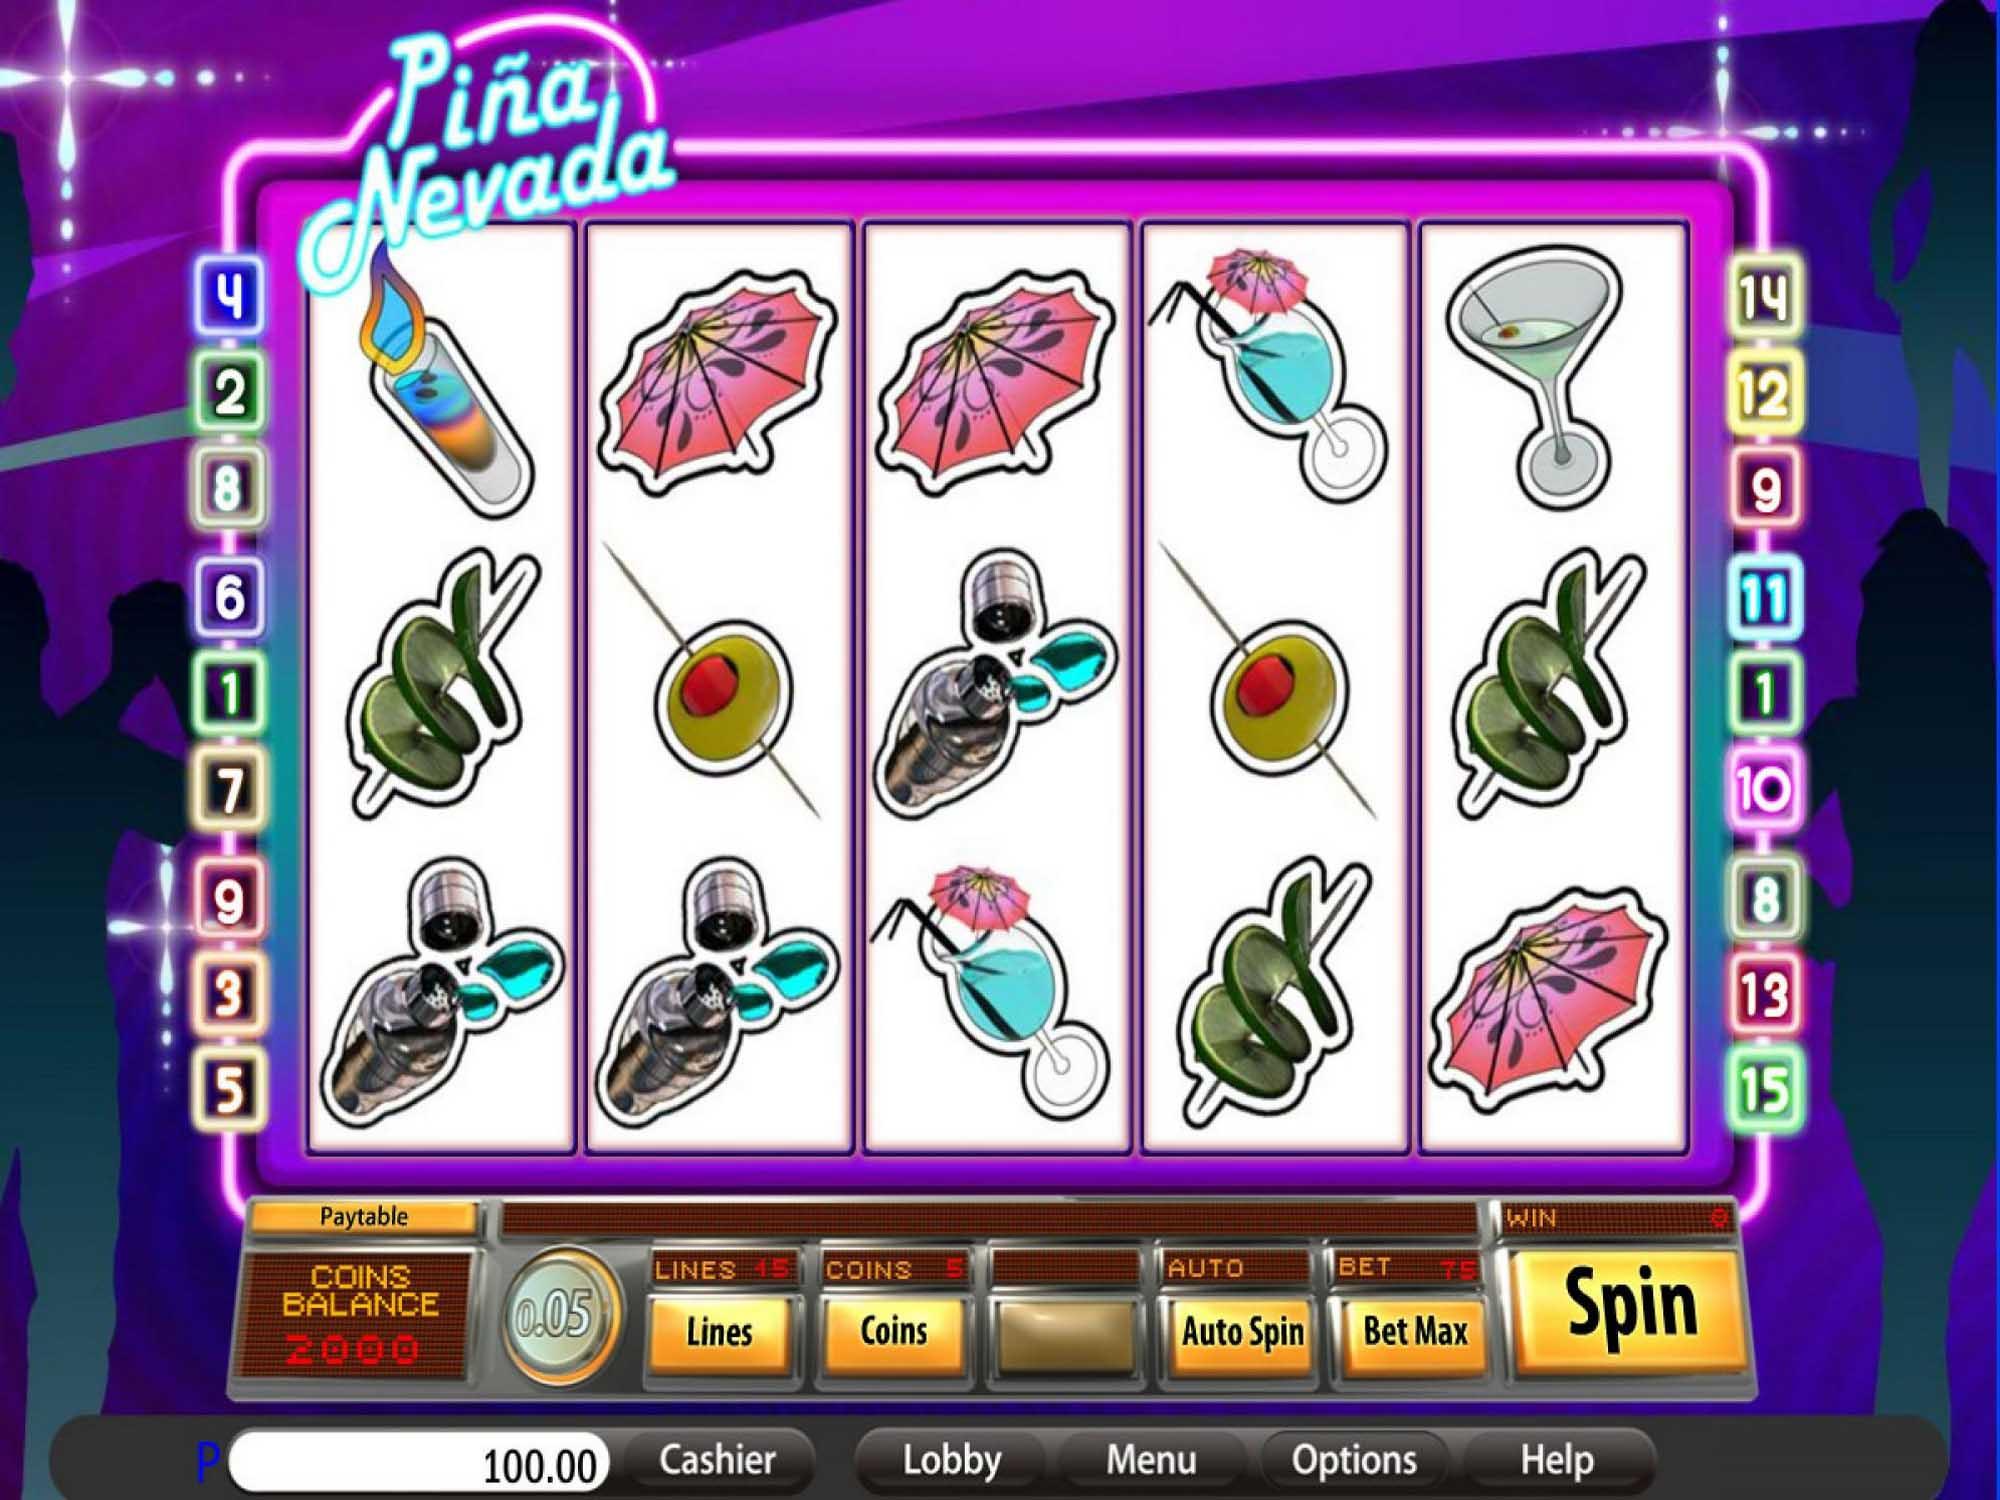 Pina Nevada Slot Game